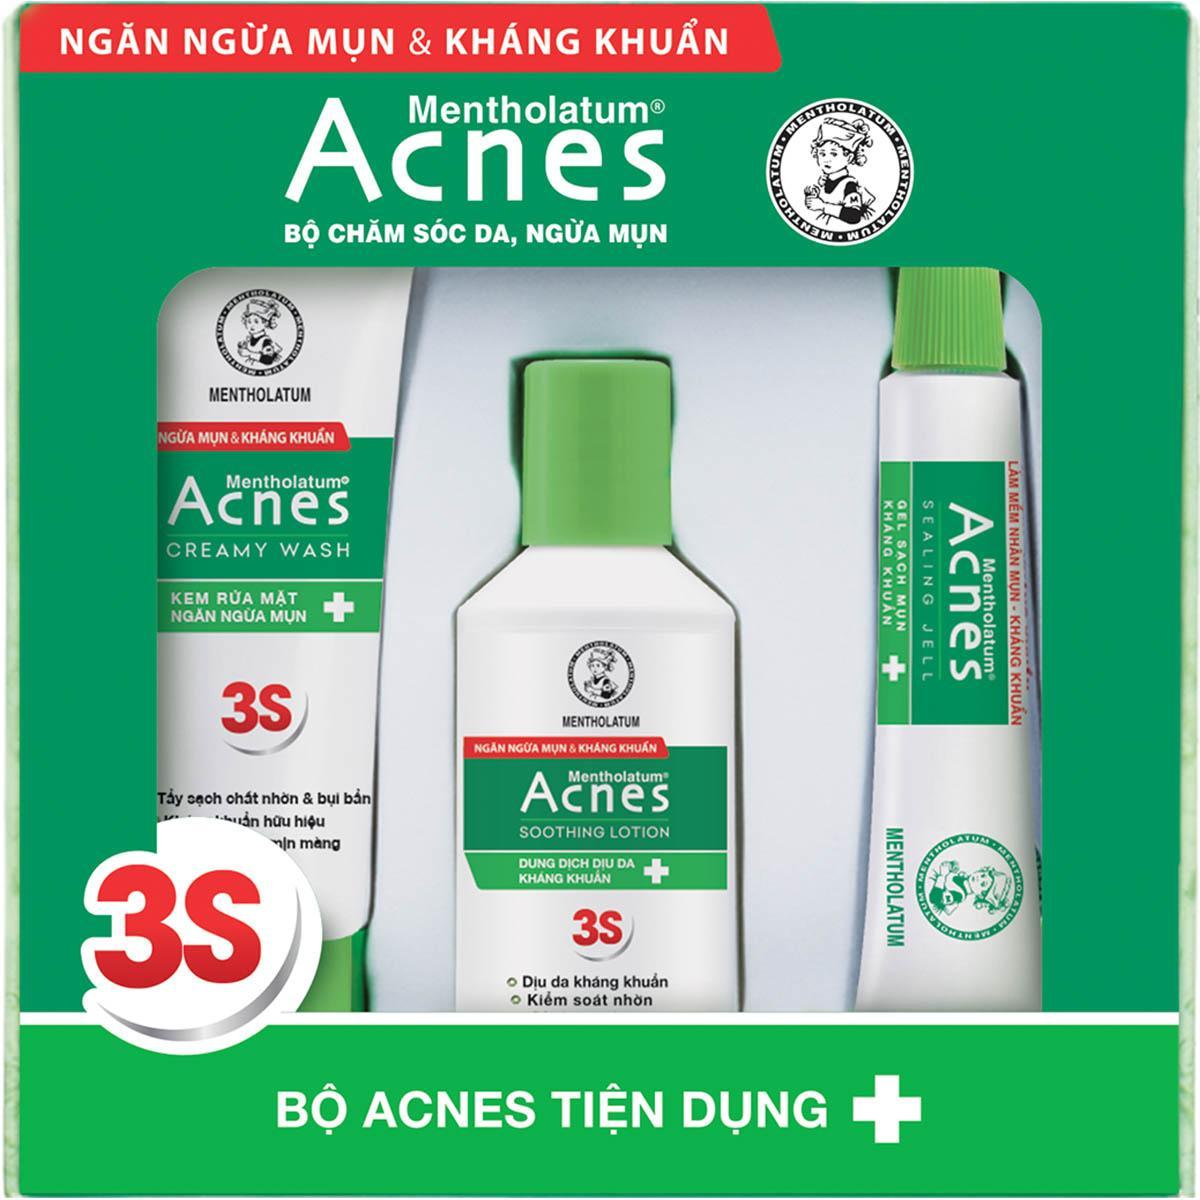 Bộ sản phẩm Acnes Tiện Dụng – Acnes Trial Set